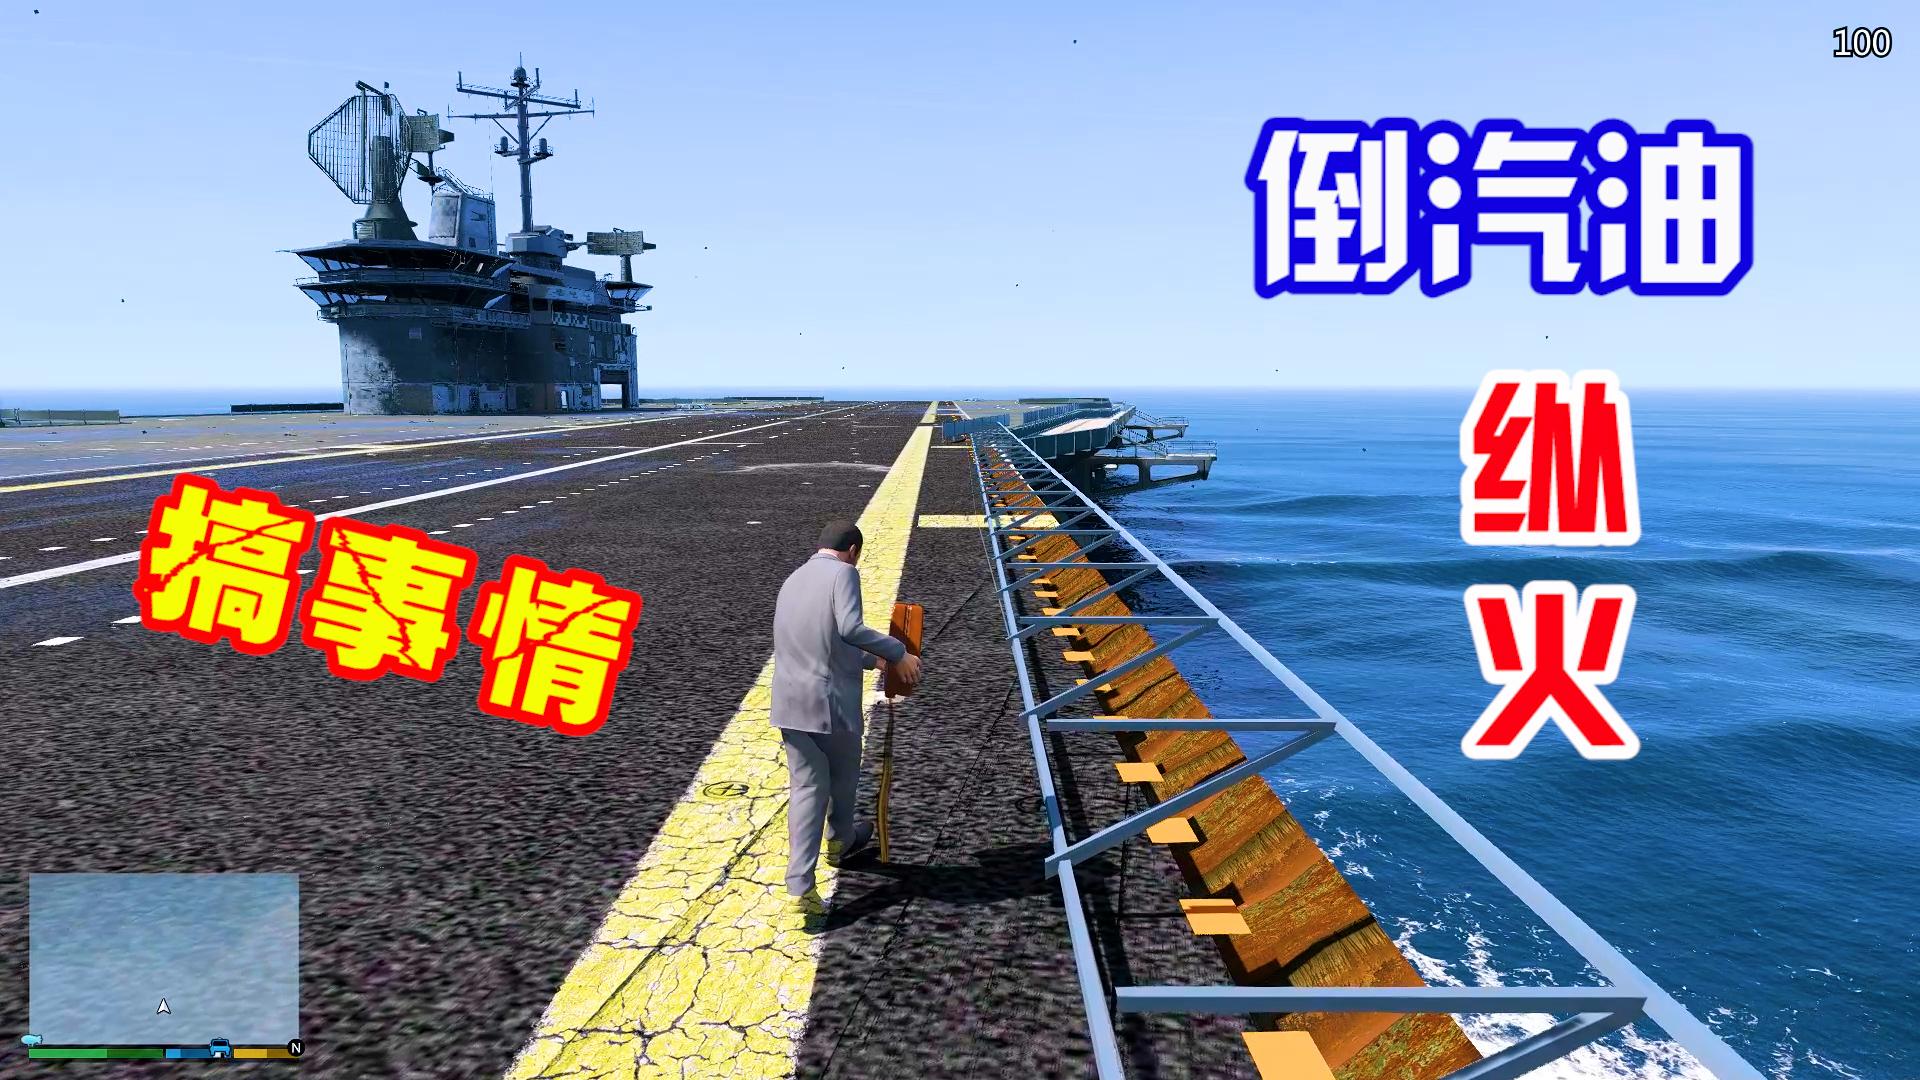 GTA5游戏:麦克在美国航空母舰上纵火搞事情会怎么样